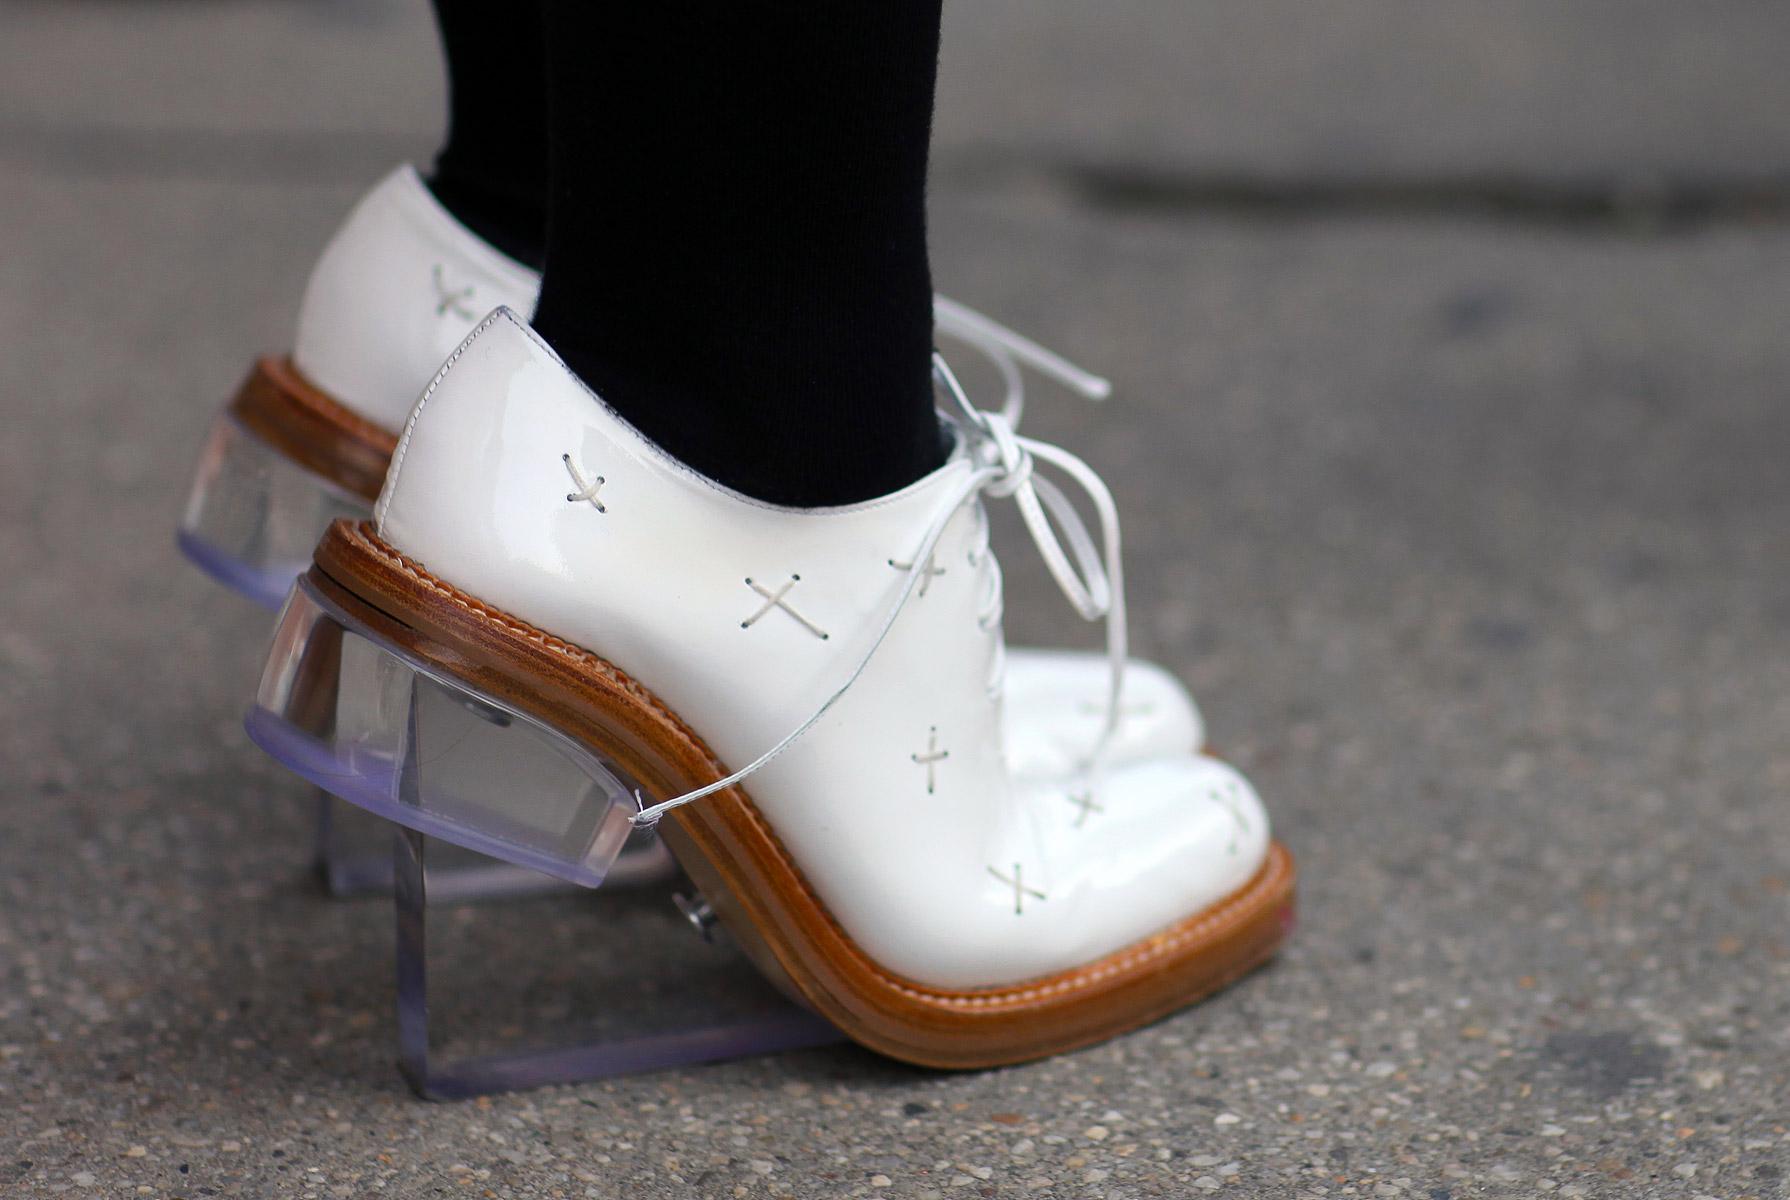 Simone Rocha Shoes